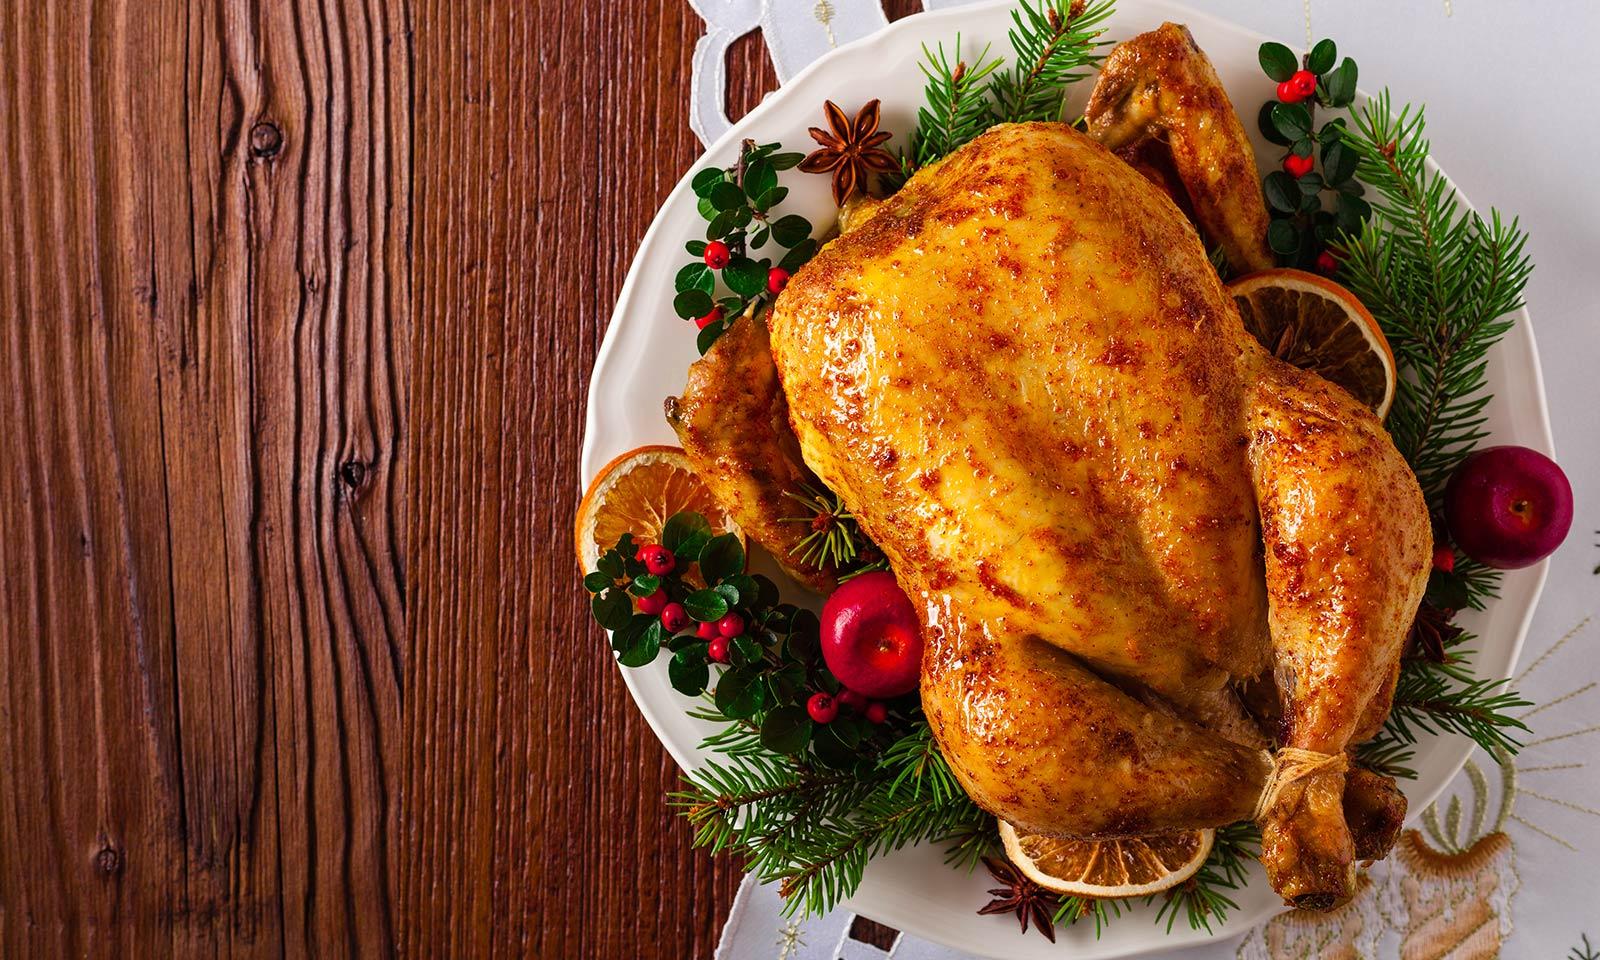 Курица, индейка, крорлик, телятина на новогоднем столе предпочтительнее свинины